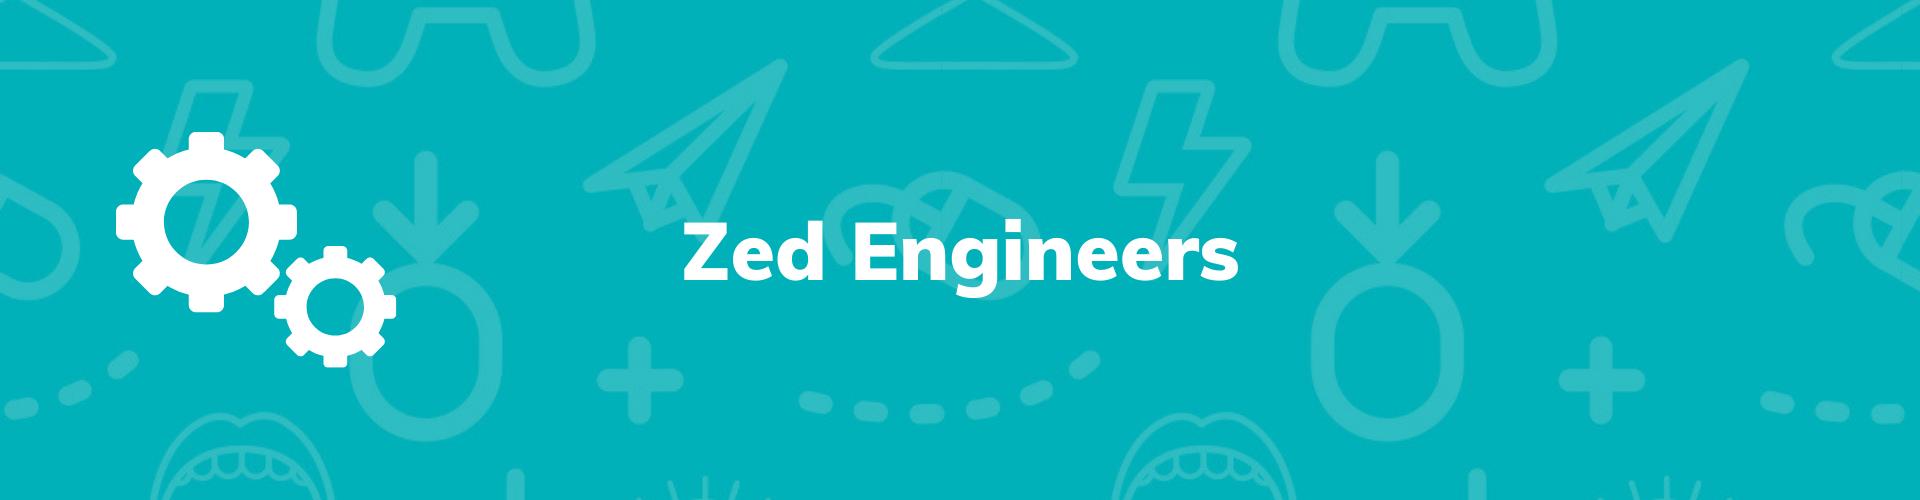 Zed Engineers